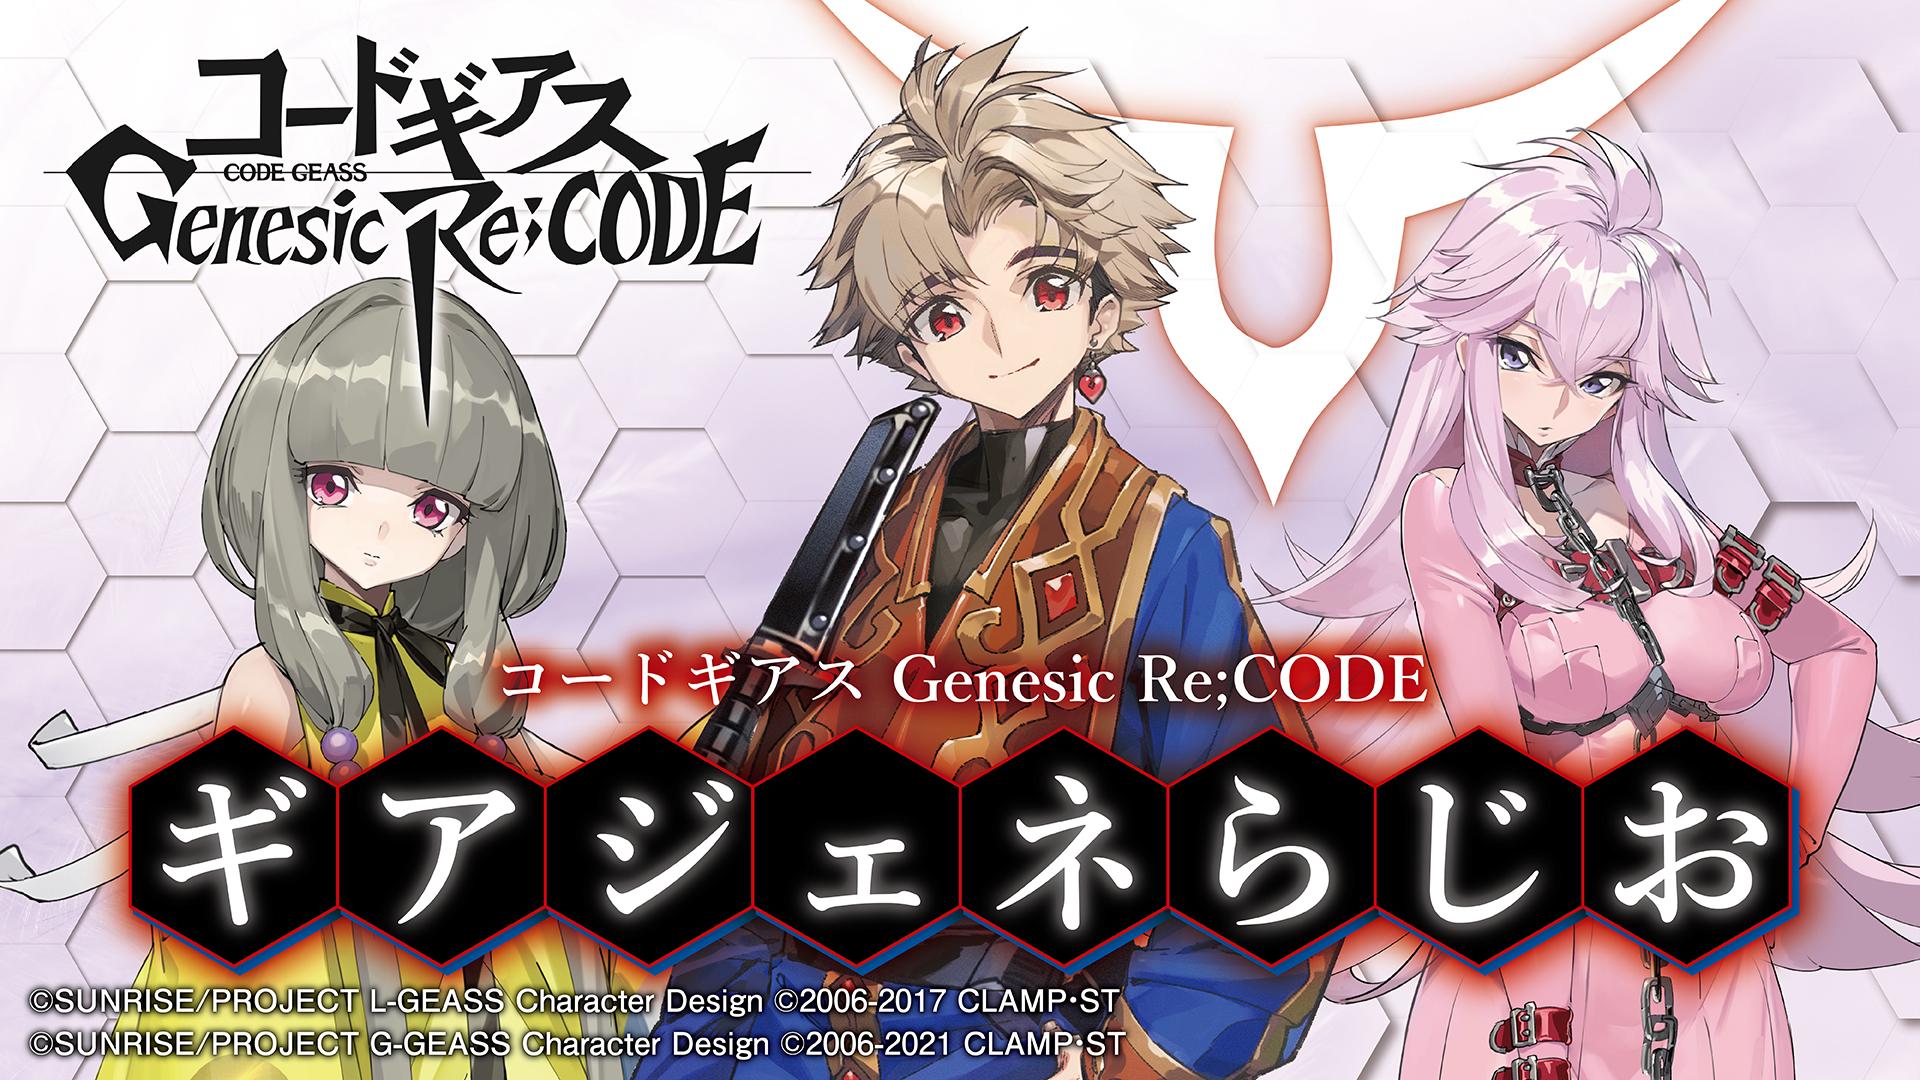 アプリ「コードギアス Genesic Re;CODE」主人公役に堀江瞬さんが決定!福山潤さんがゲスト出演するラジオも配信